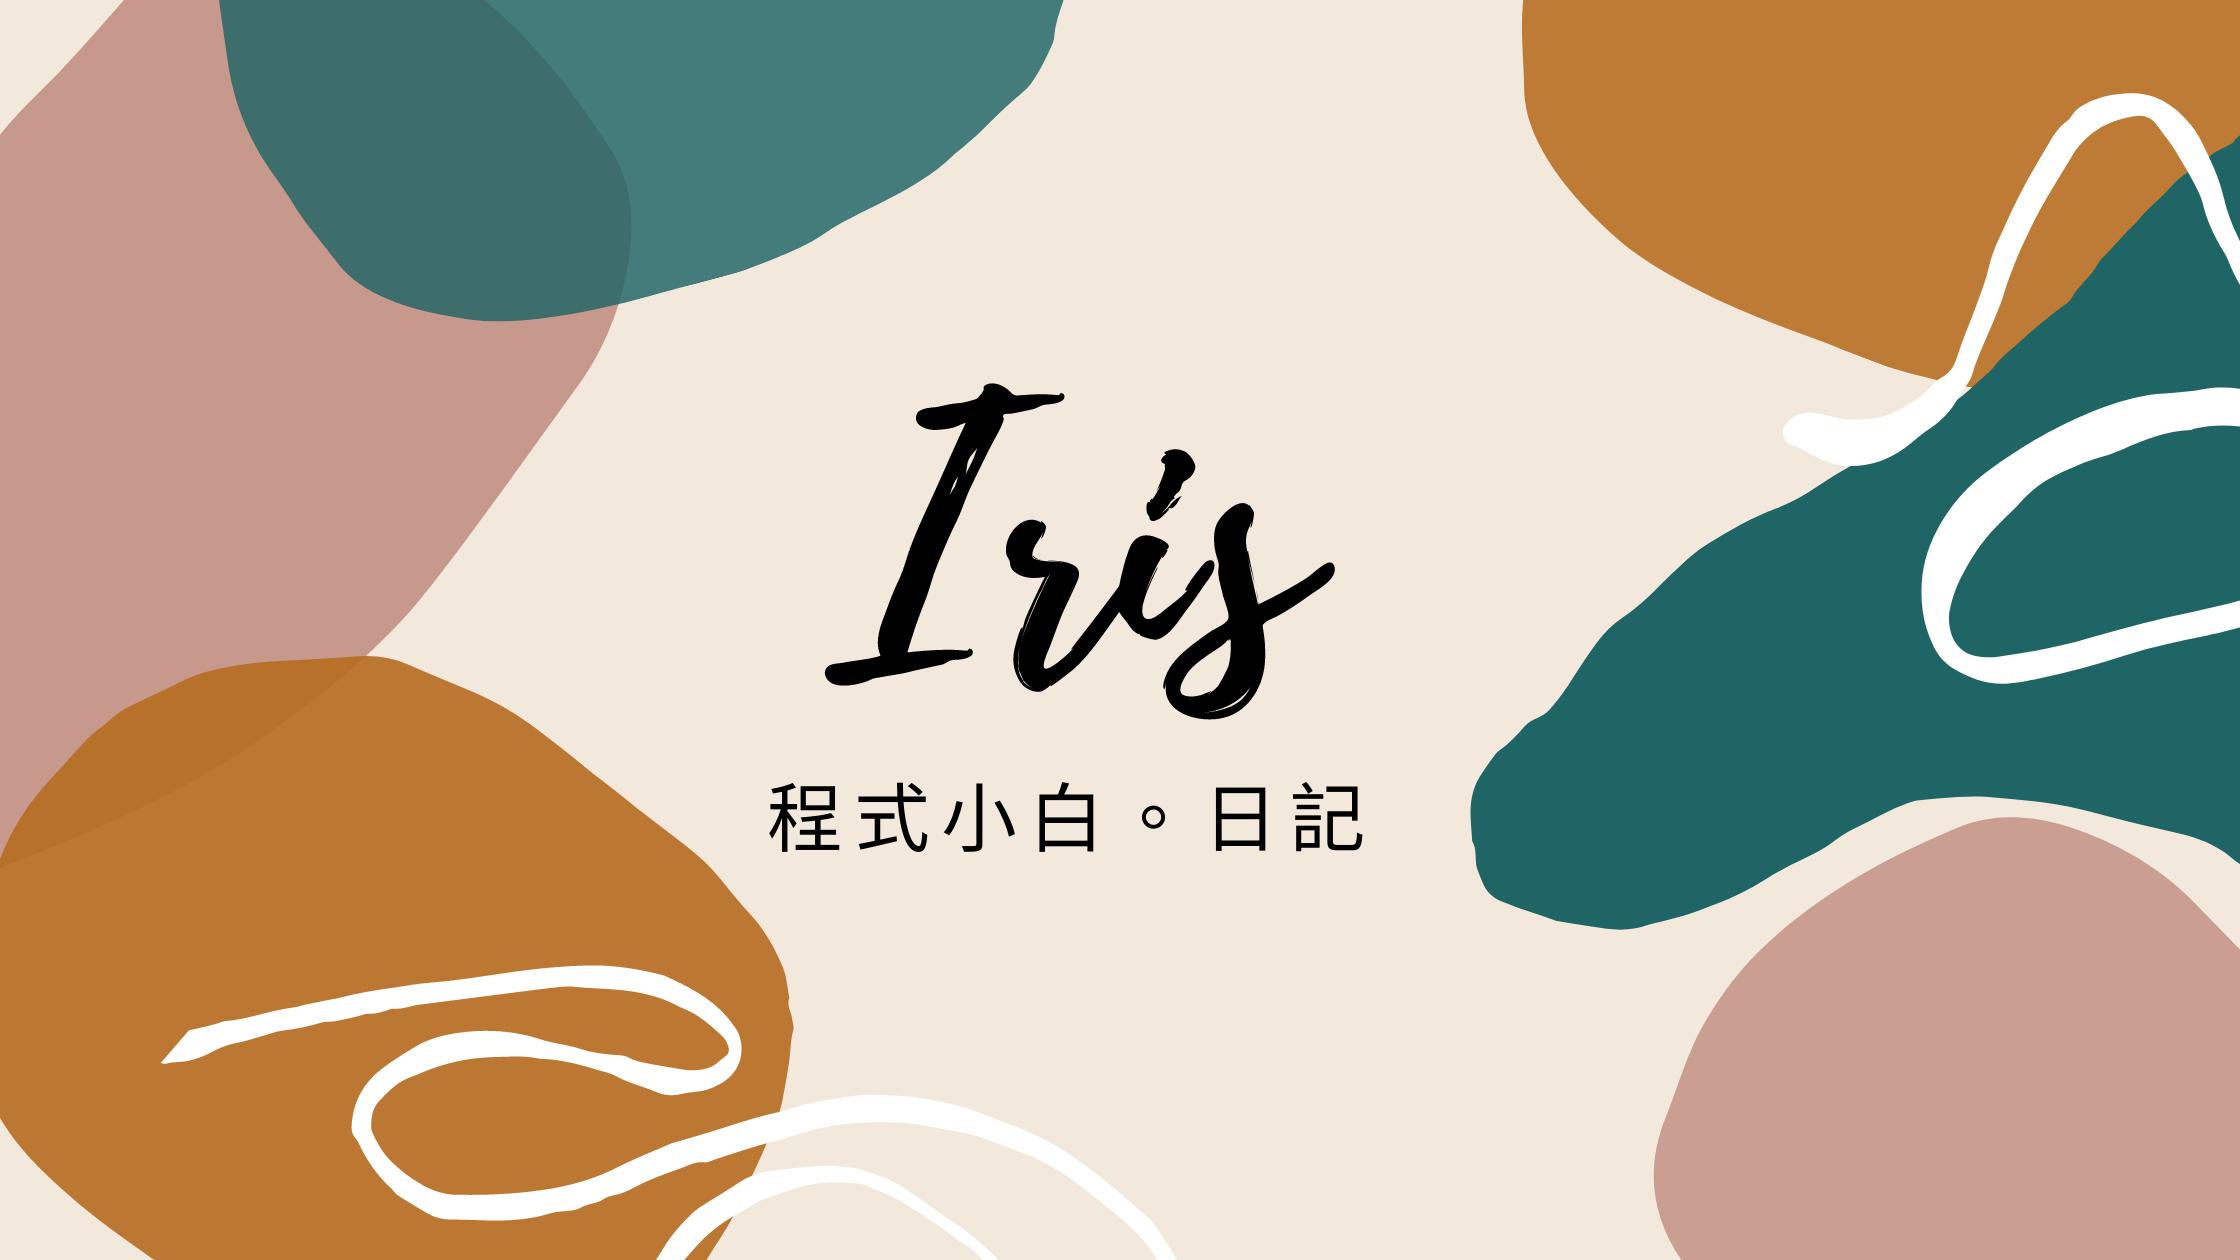 Javascript 學習日記|Iris 程式小白 #2